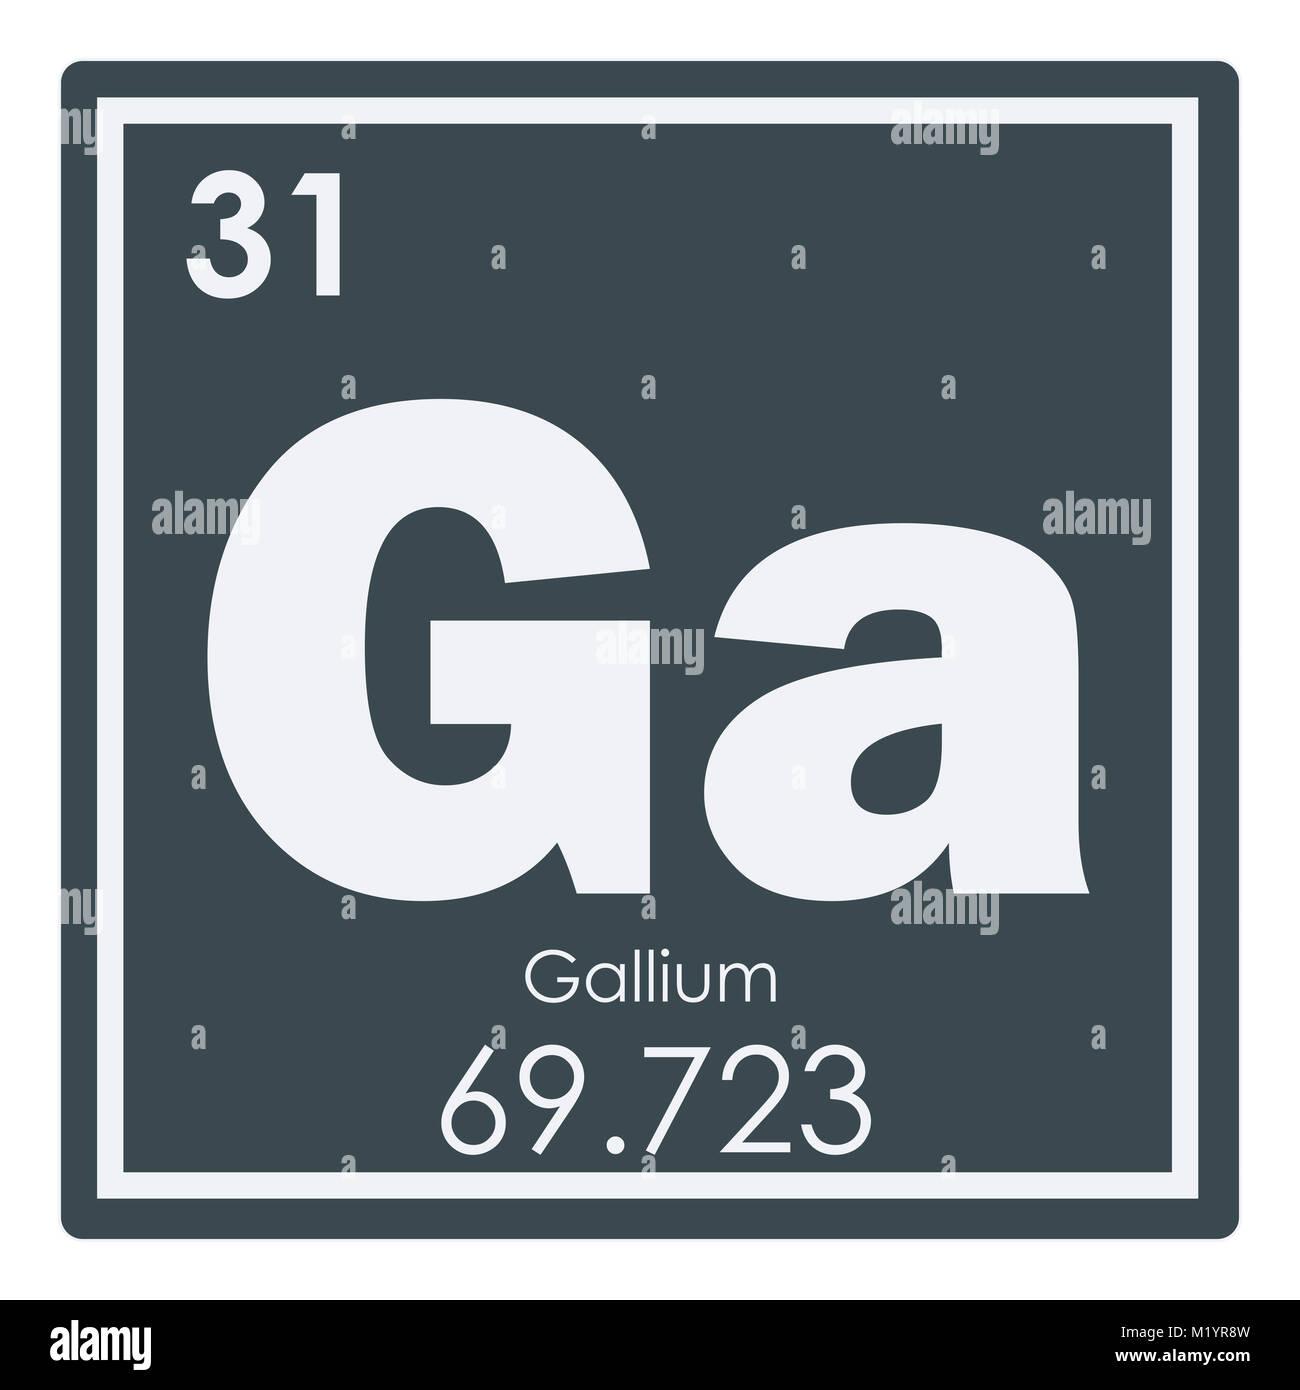 Tabla peridica de elementos qumicos galio smbolo de ciencia foto tabla peridica de elementos qumicos galio smbolo de ciencia urtaz Choice Image